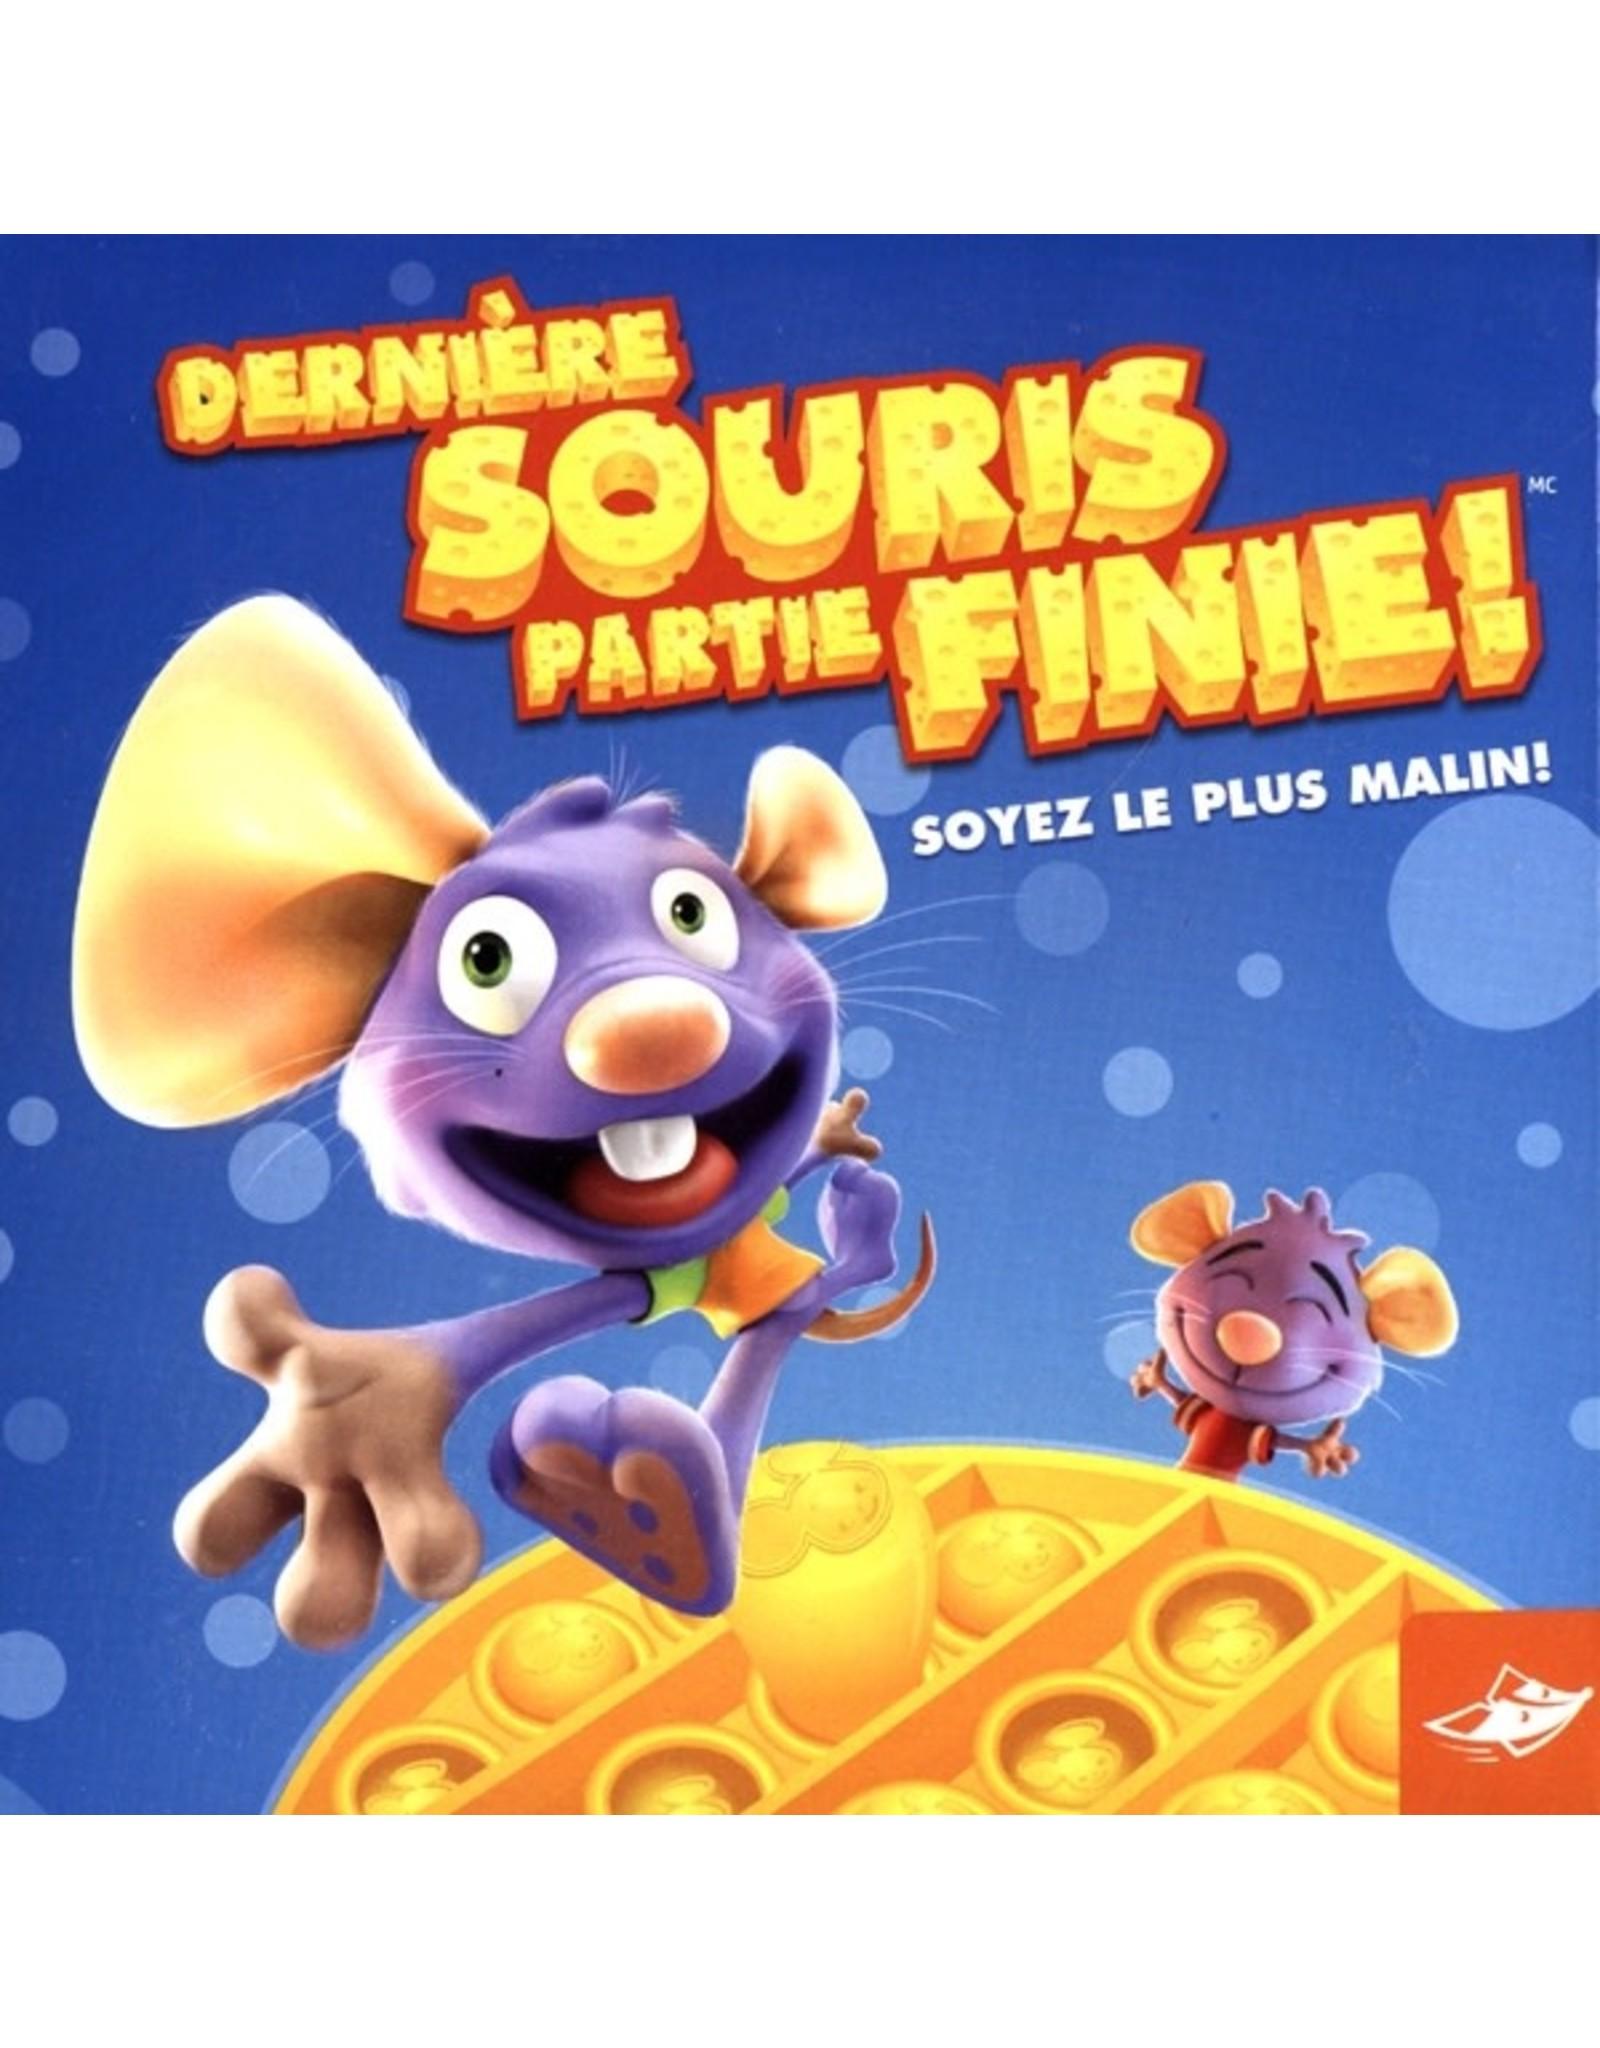 Foxmind Dernière Souris Partie Finie !